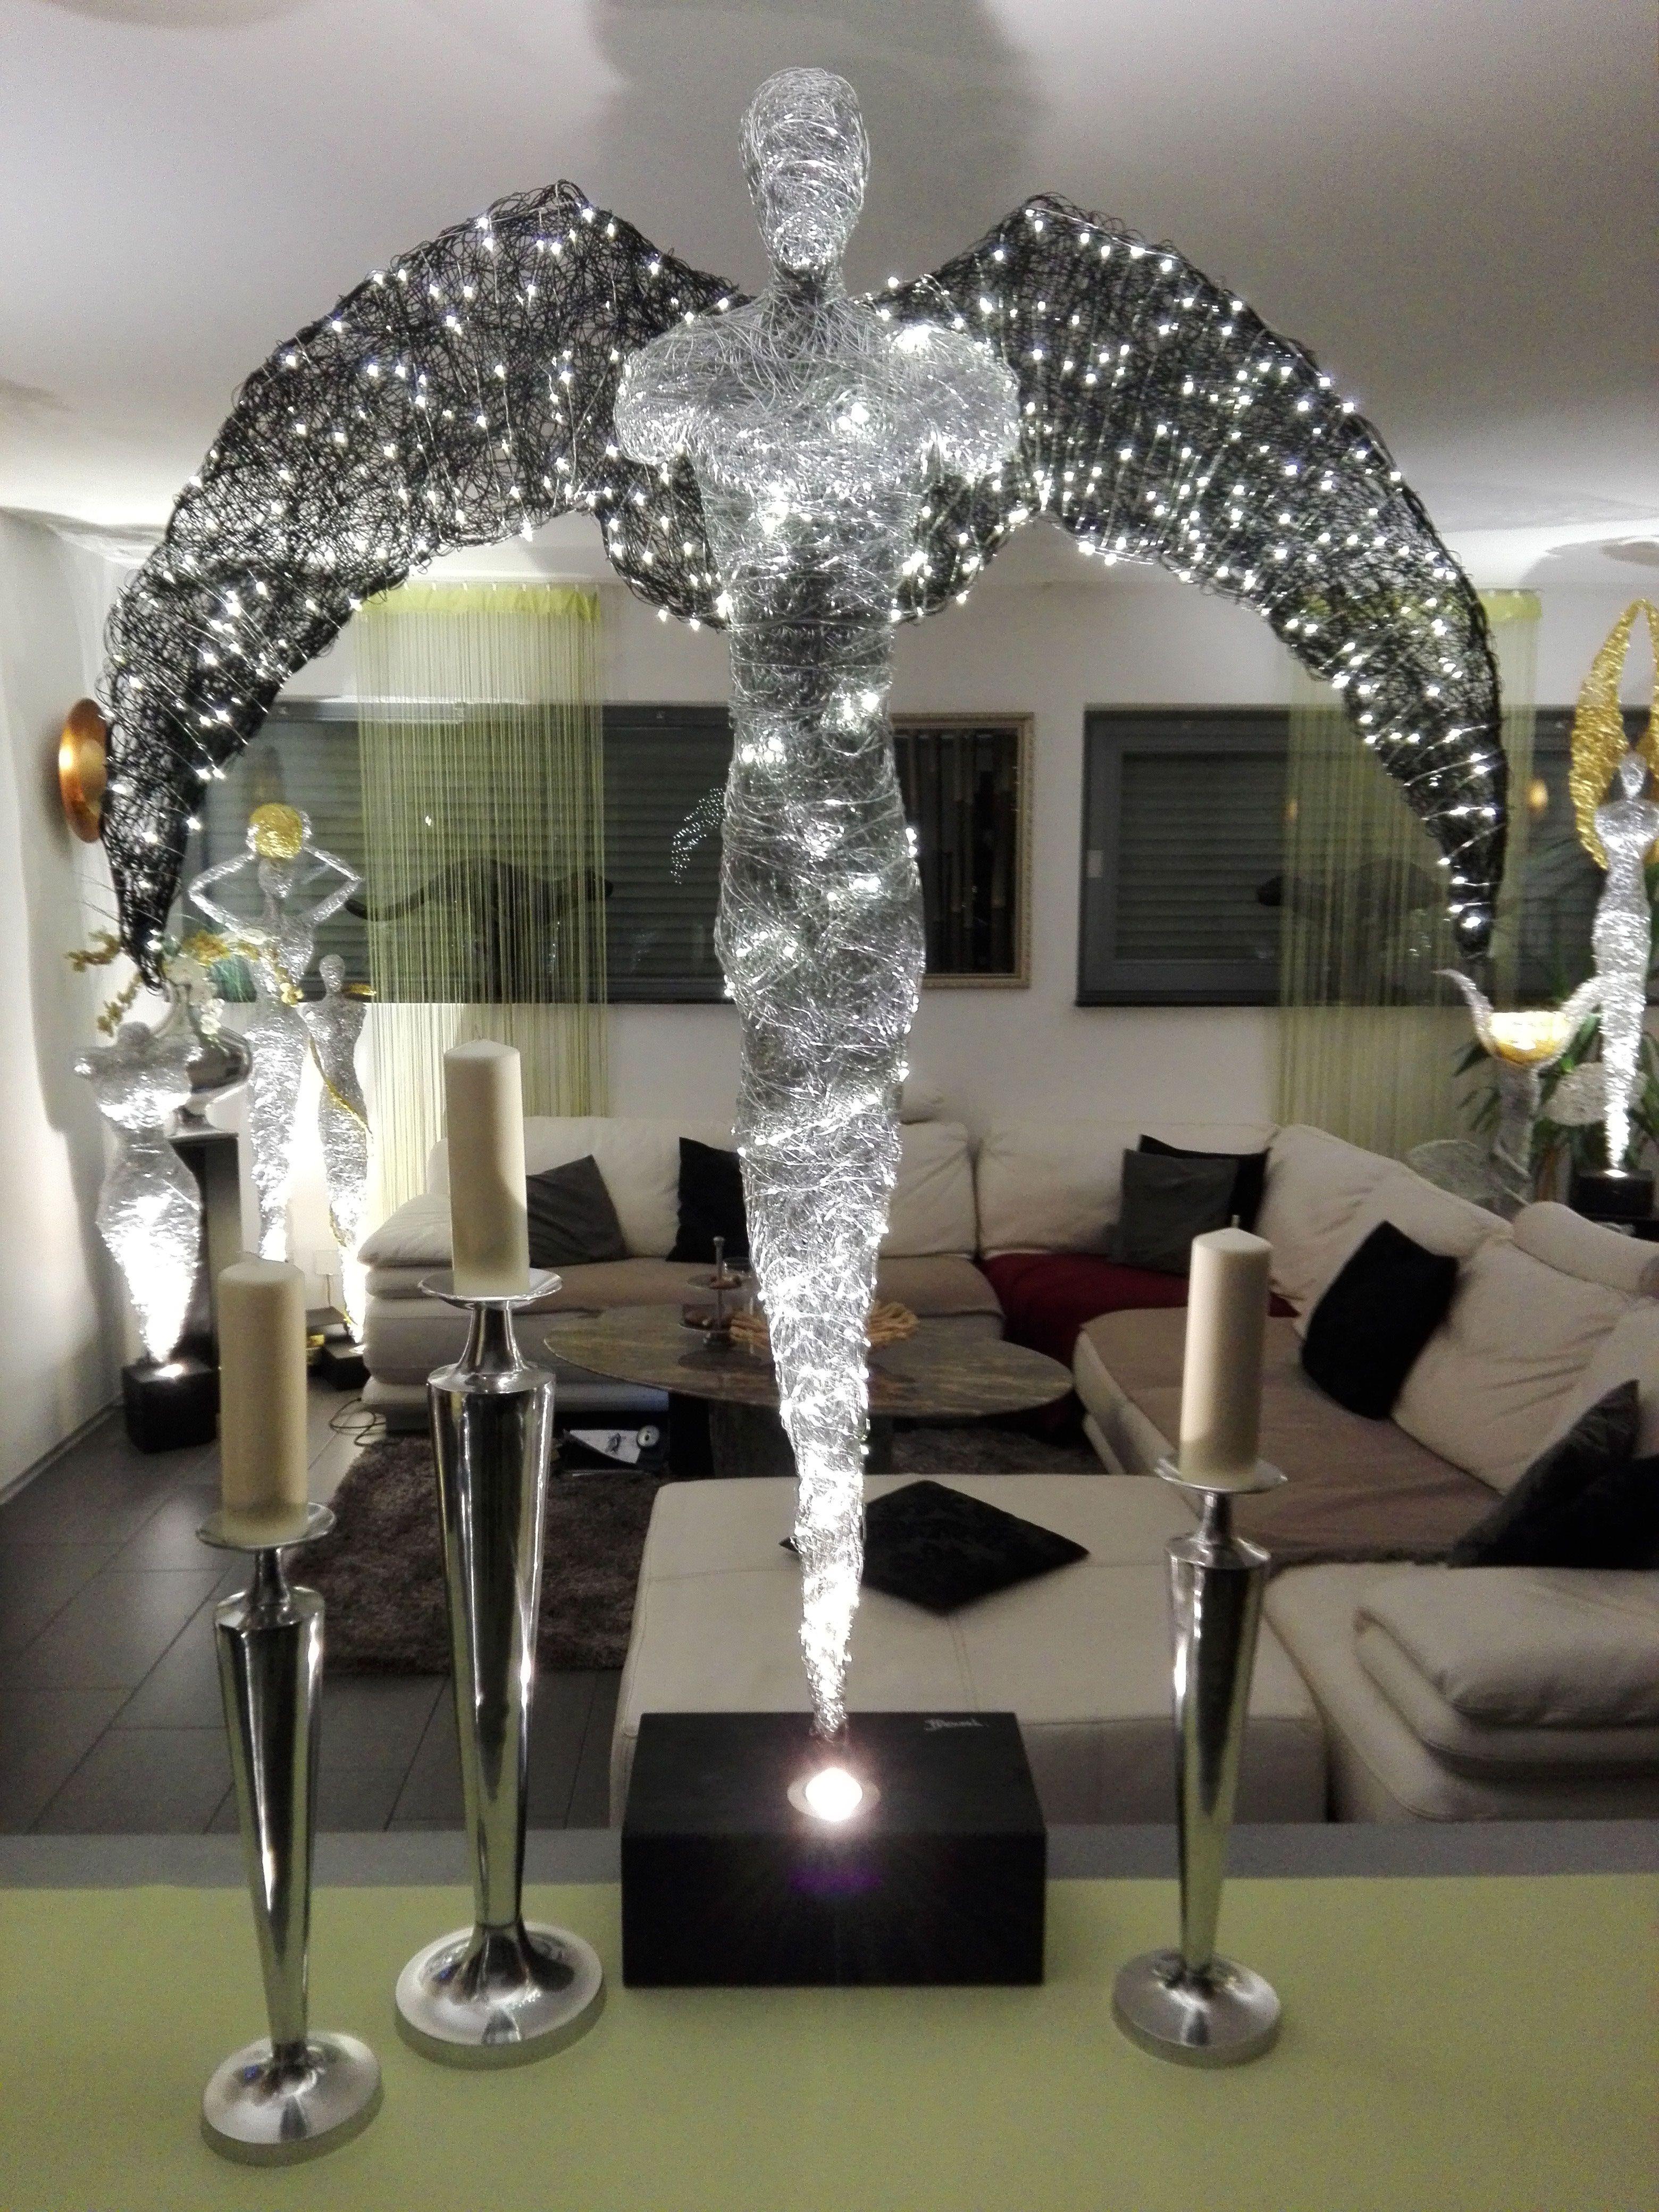 Design Lampen Skulptur Leuchten Led Licht Kunst Made In Germany Schoner Wohnen Deutschland Weihnachtsengel Einrichtung Acc Papier Mache